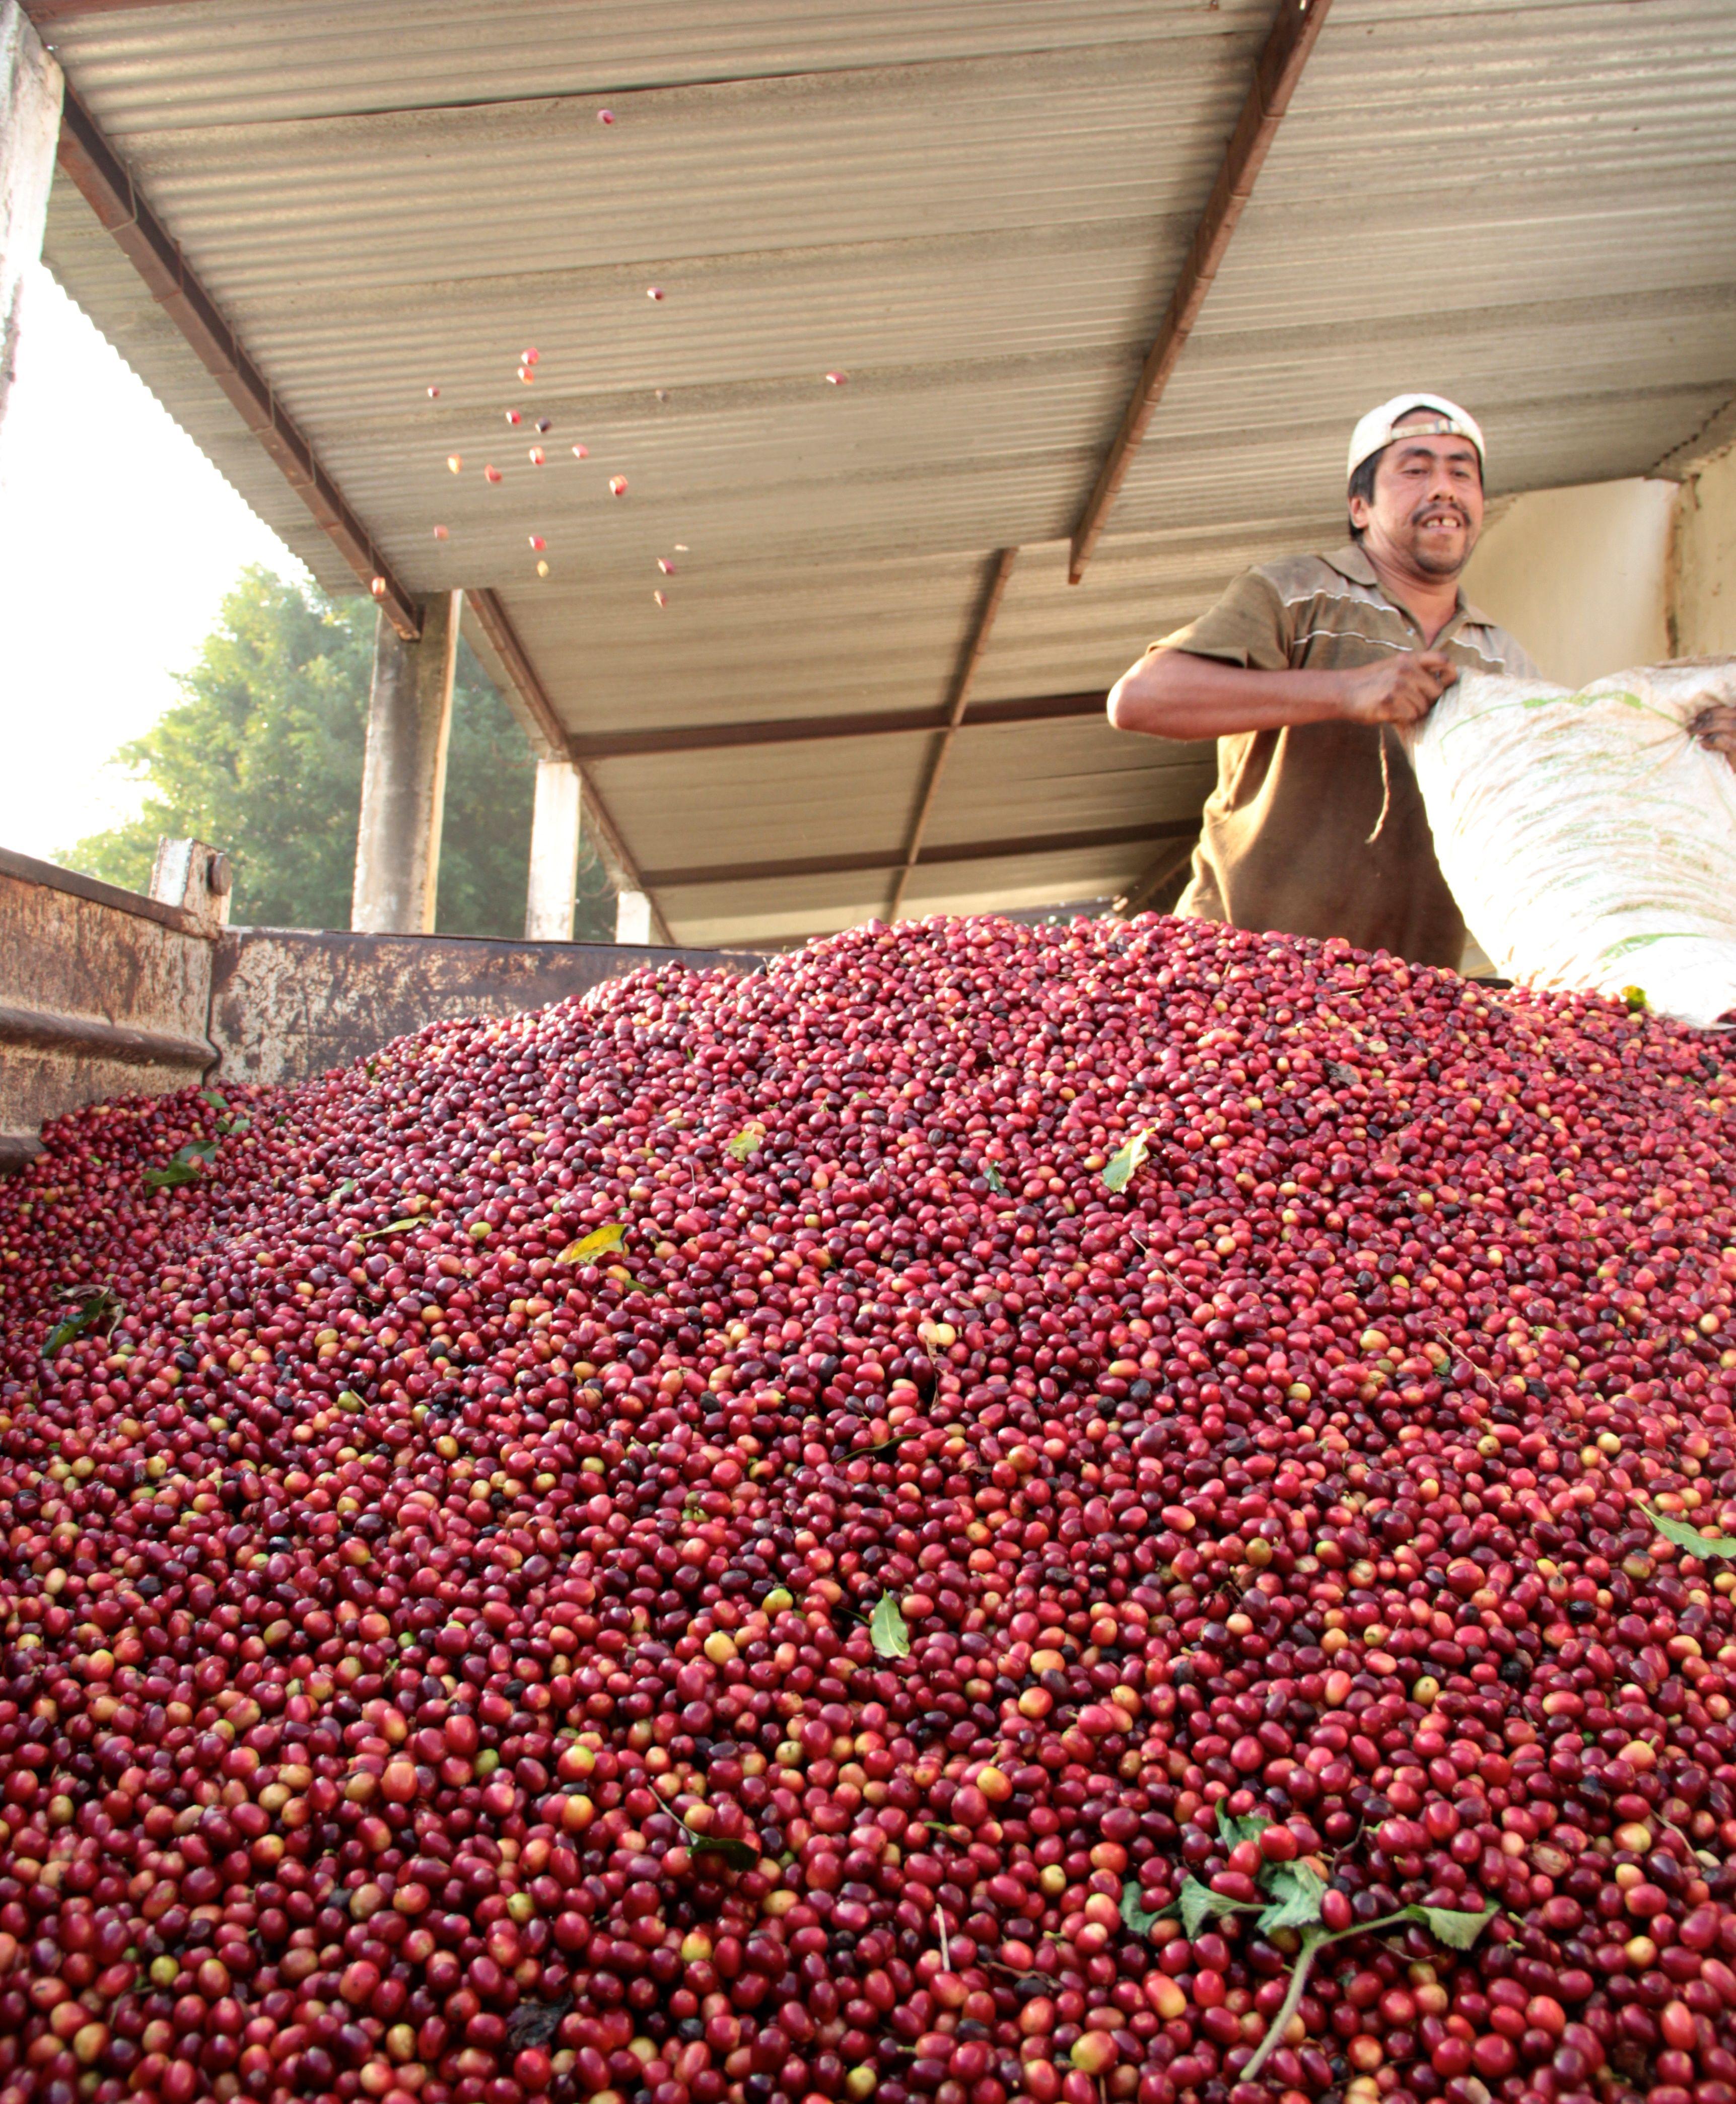 Coffee berries. Cafe maduro: Es importante cortar SOLAMENTE las cerezas de café maduras, para asegurar el sabor de los azúcares en el grano. Al cafeto se le cosecha el fruto maduro una vez al año en invierno con rendimientos de 12 toneladas de fruto maduro por hectárea, equivalentes a casi 2000 kg de cafe tostado.